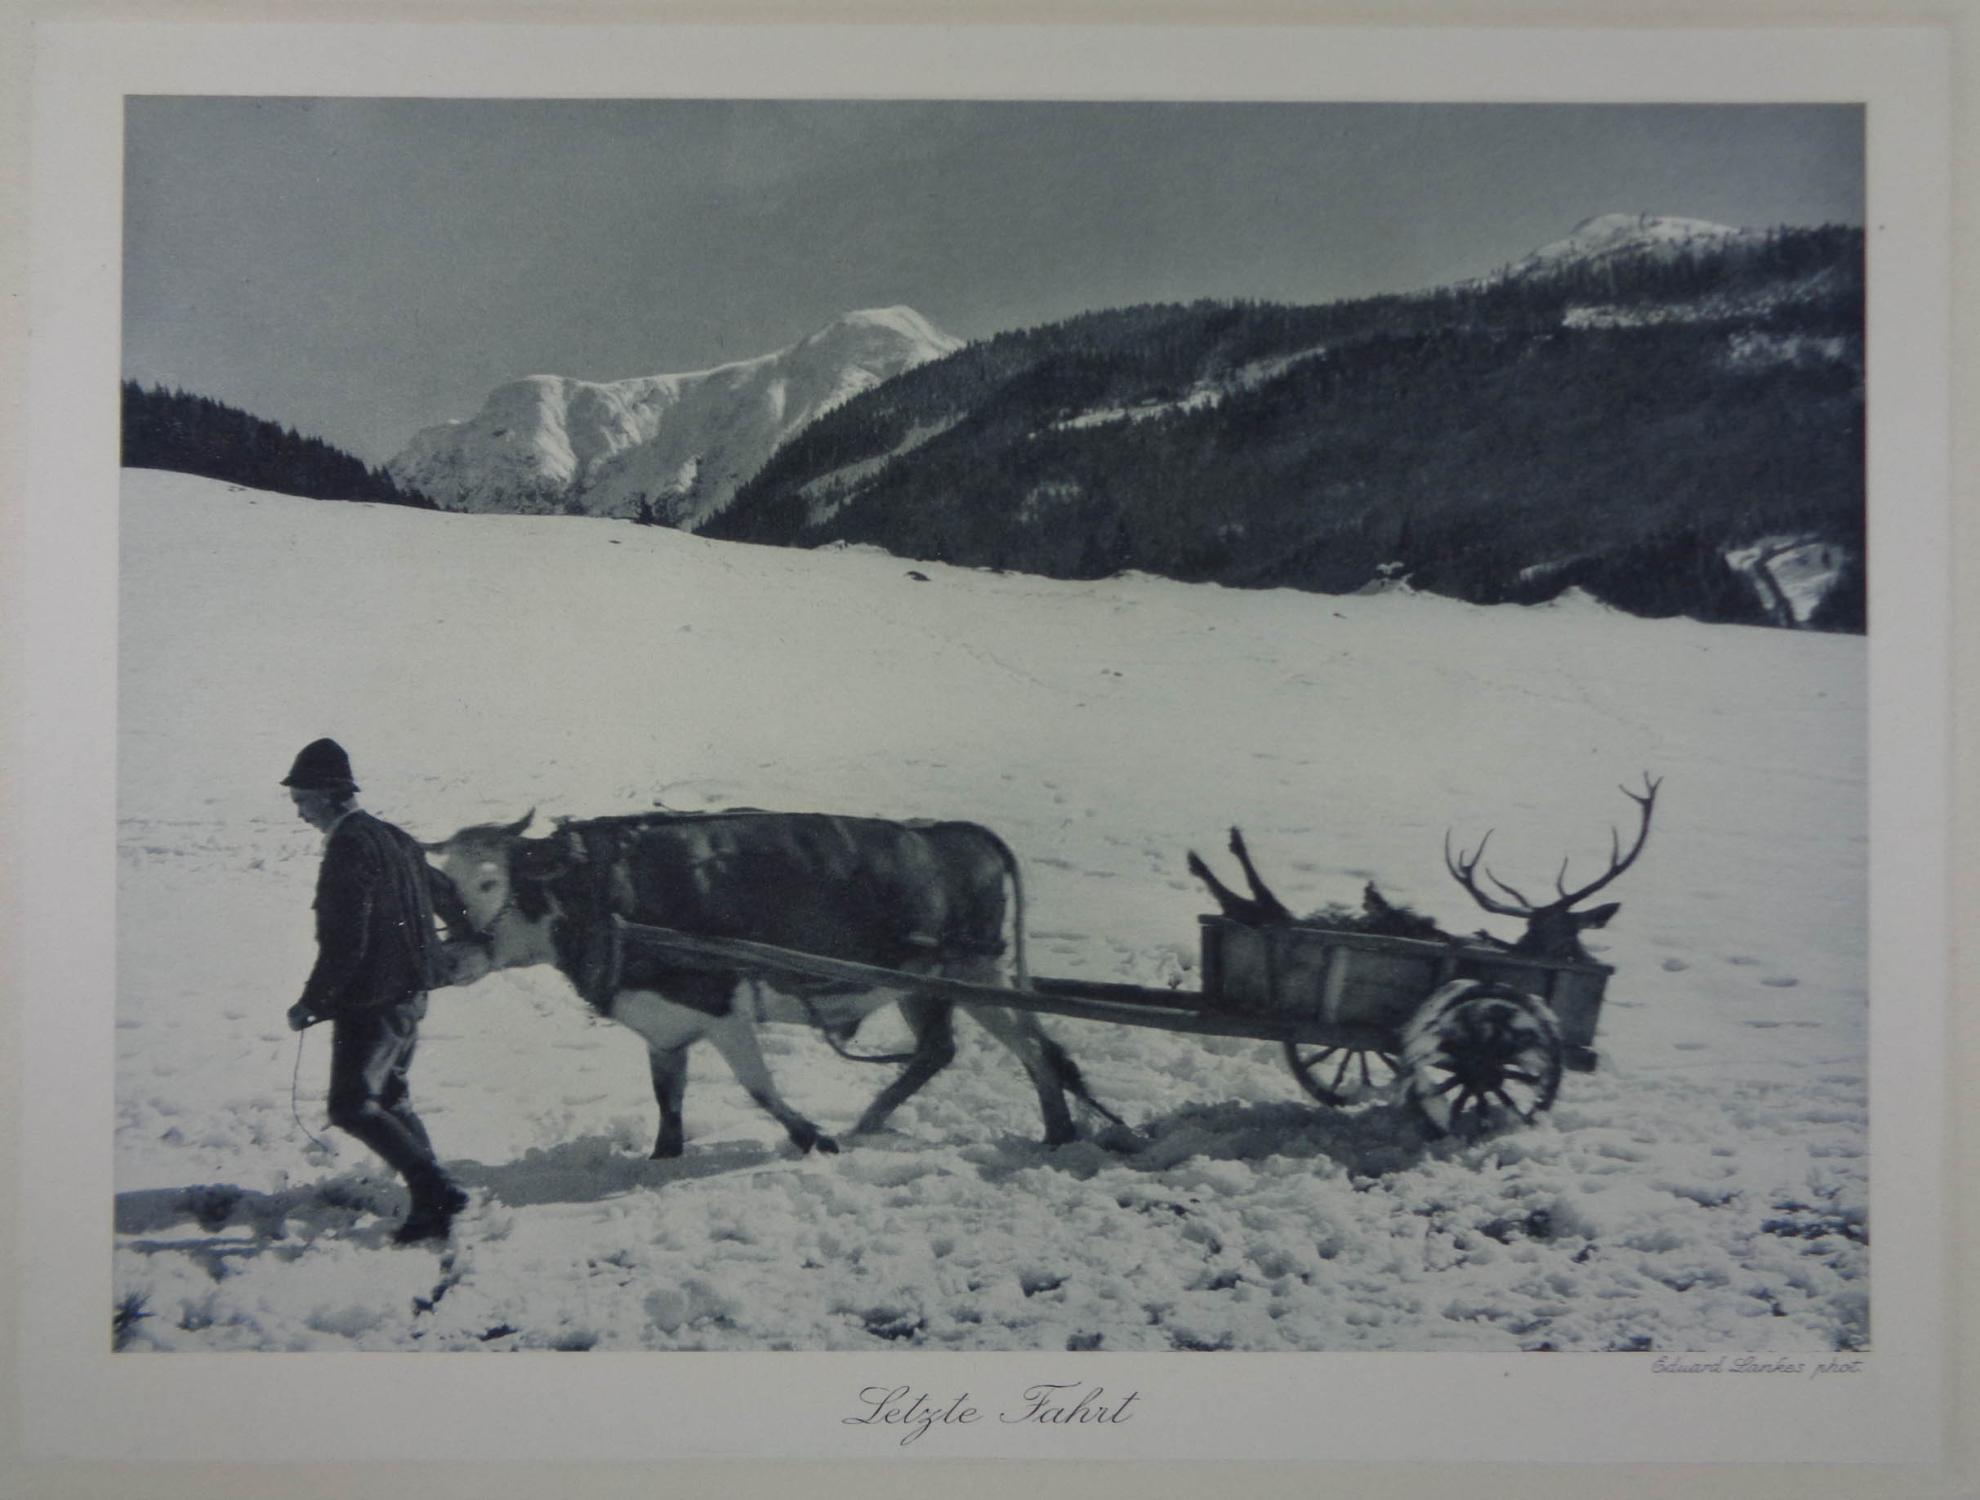 Letzte Fahrt. Photogravure, rechts unten bez. Eduard: Lankes Eduard (1874-?)